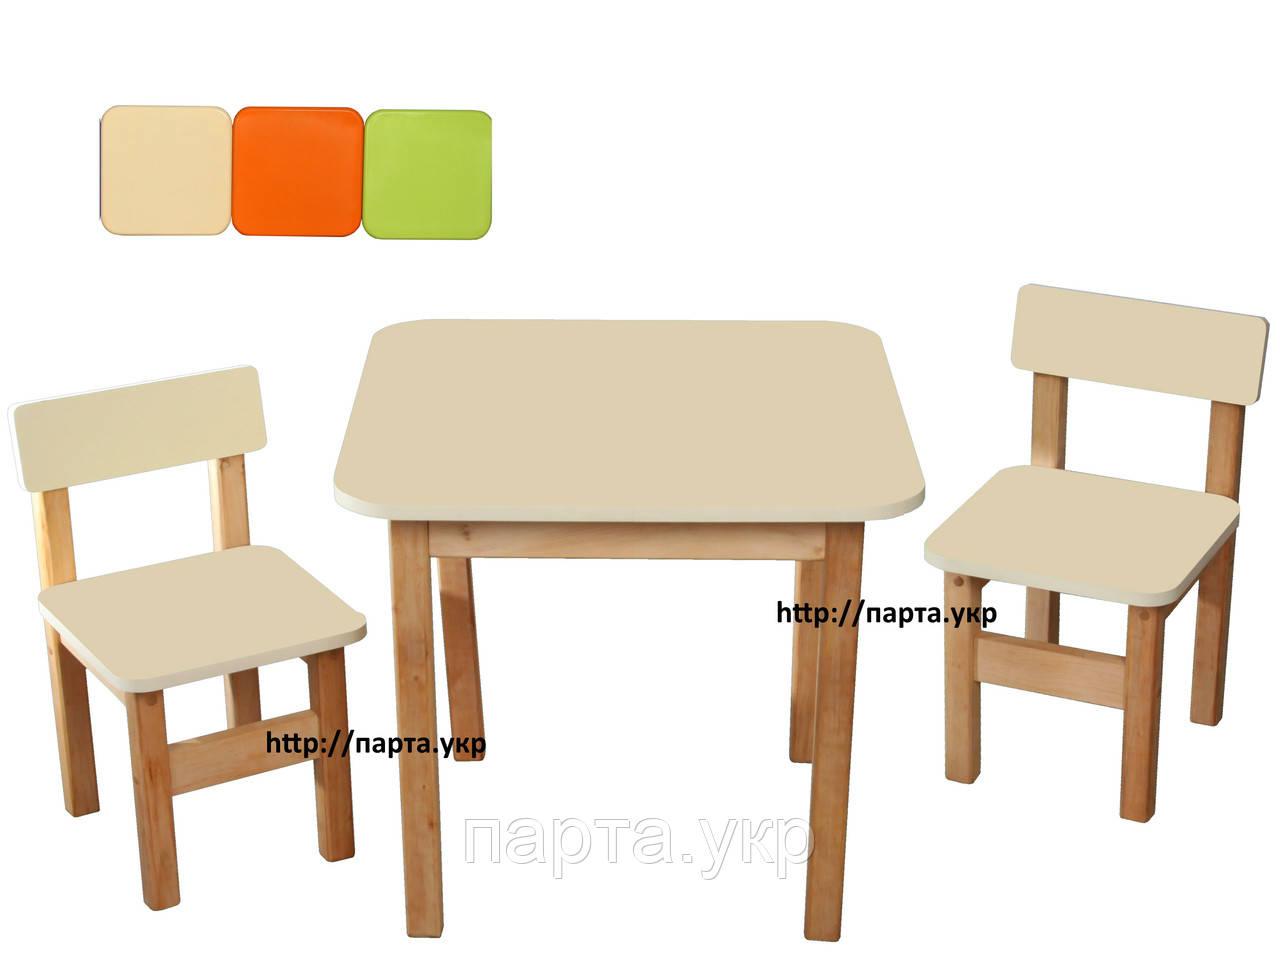 Детский набор Стол и 2 стульчика, ольха/мдф